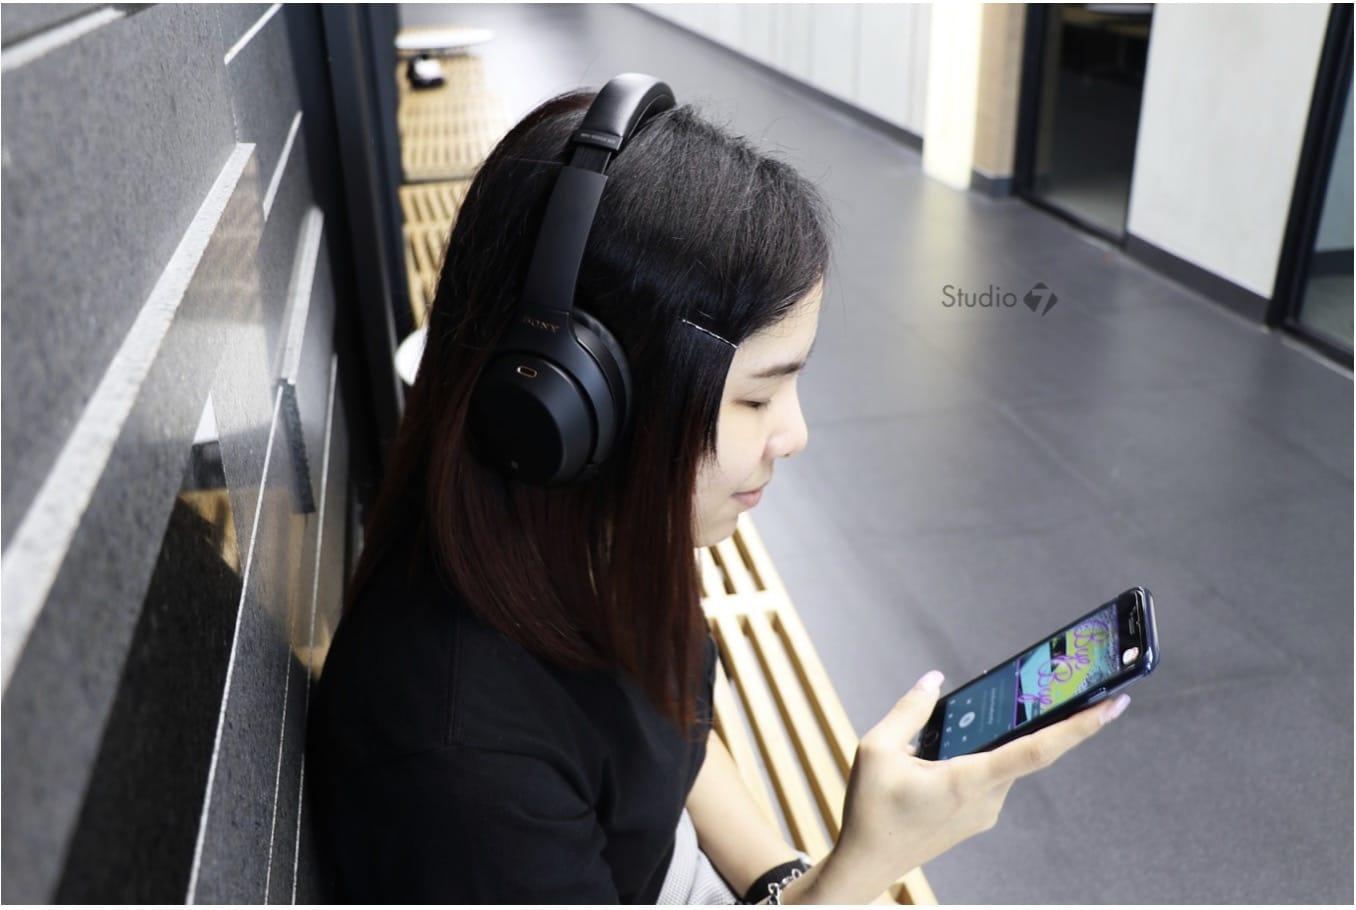 Sony Wh 1000xm3 04